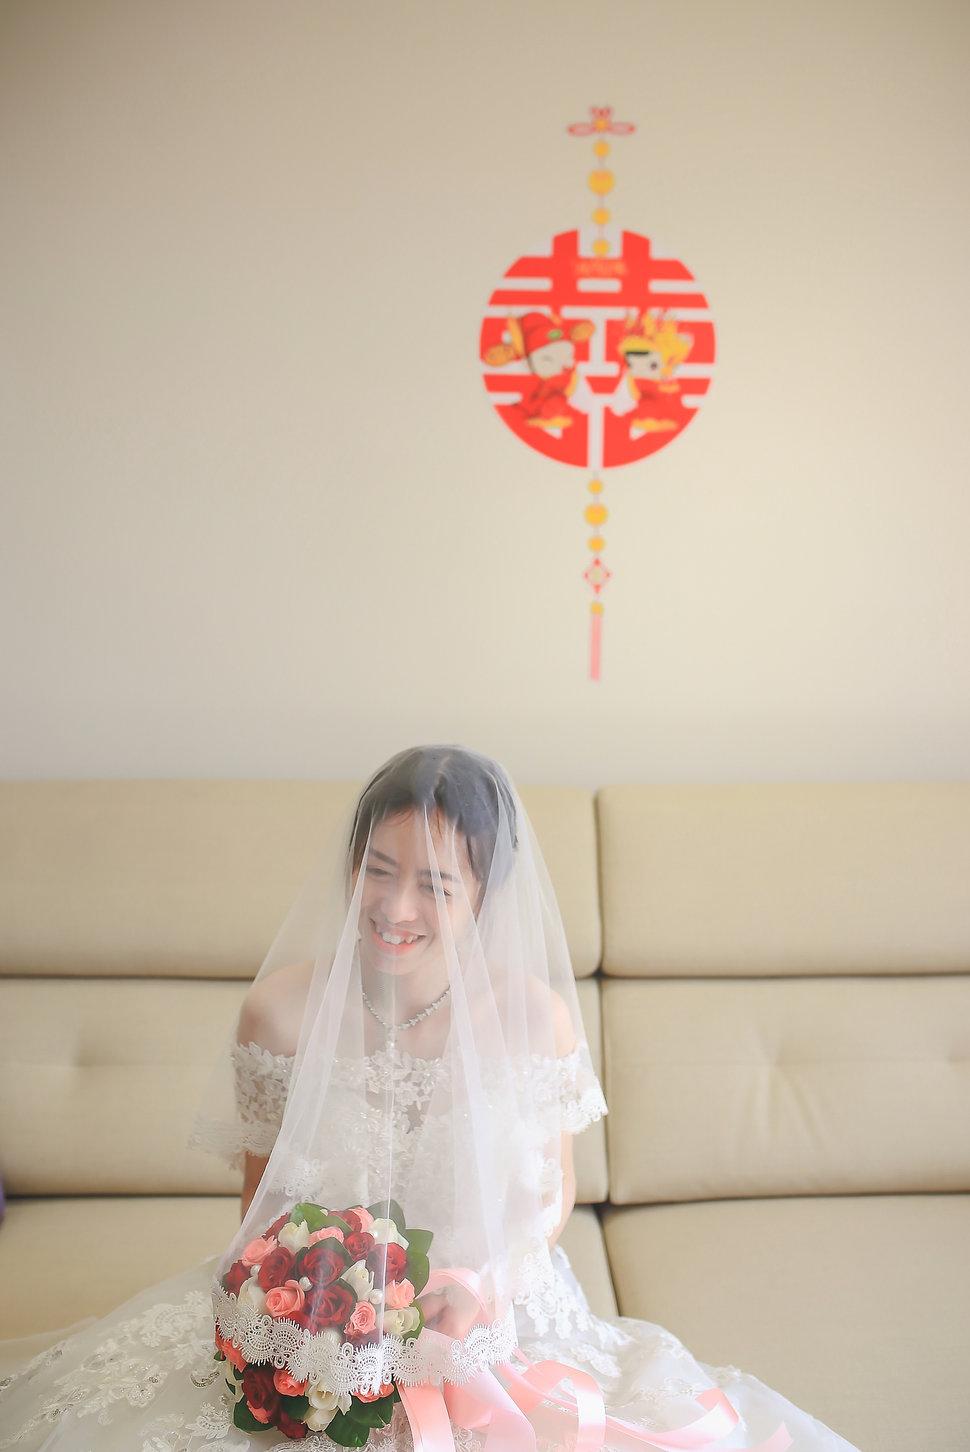 IMG_7609 - H&Y STUDIO 創意影像/阿儒《結婚吧》